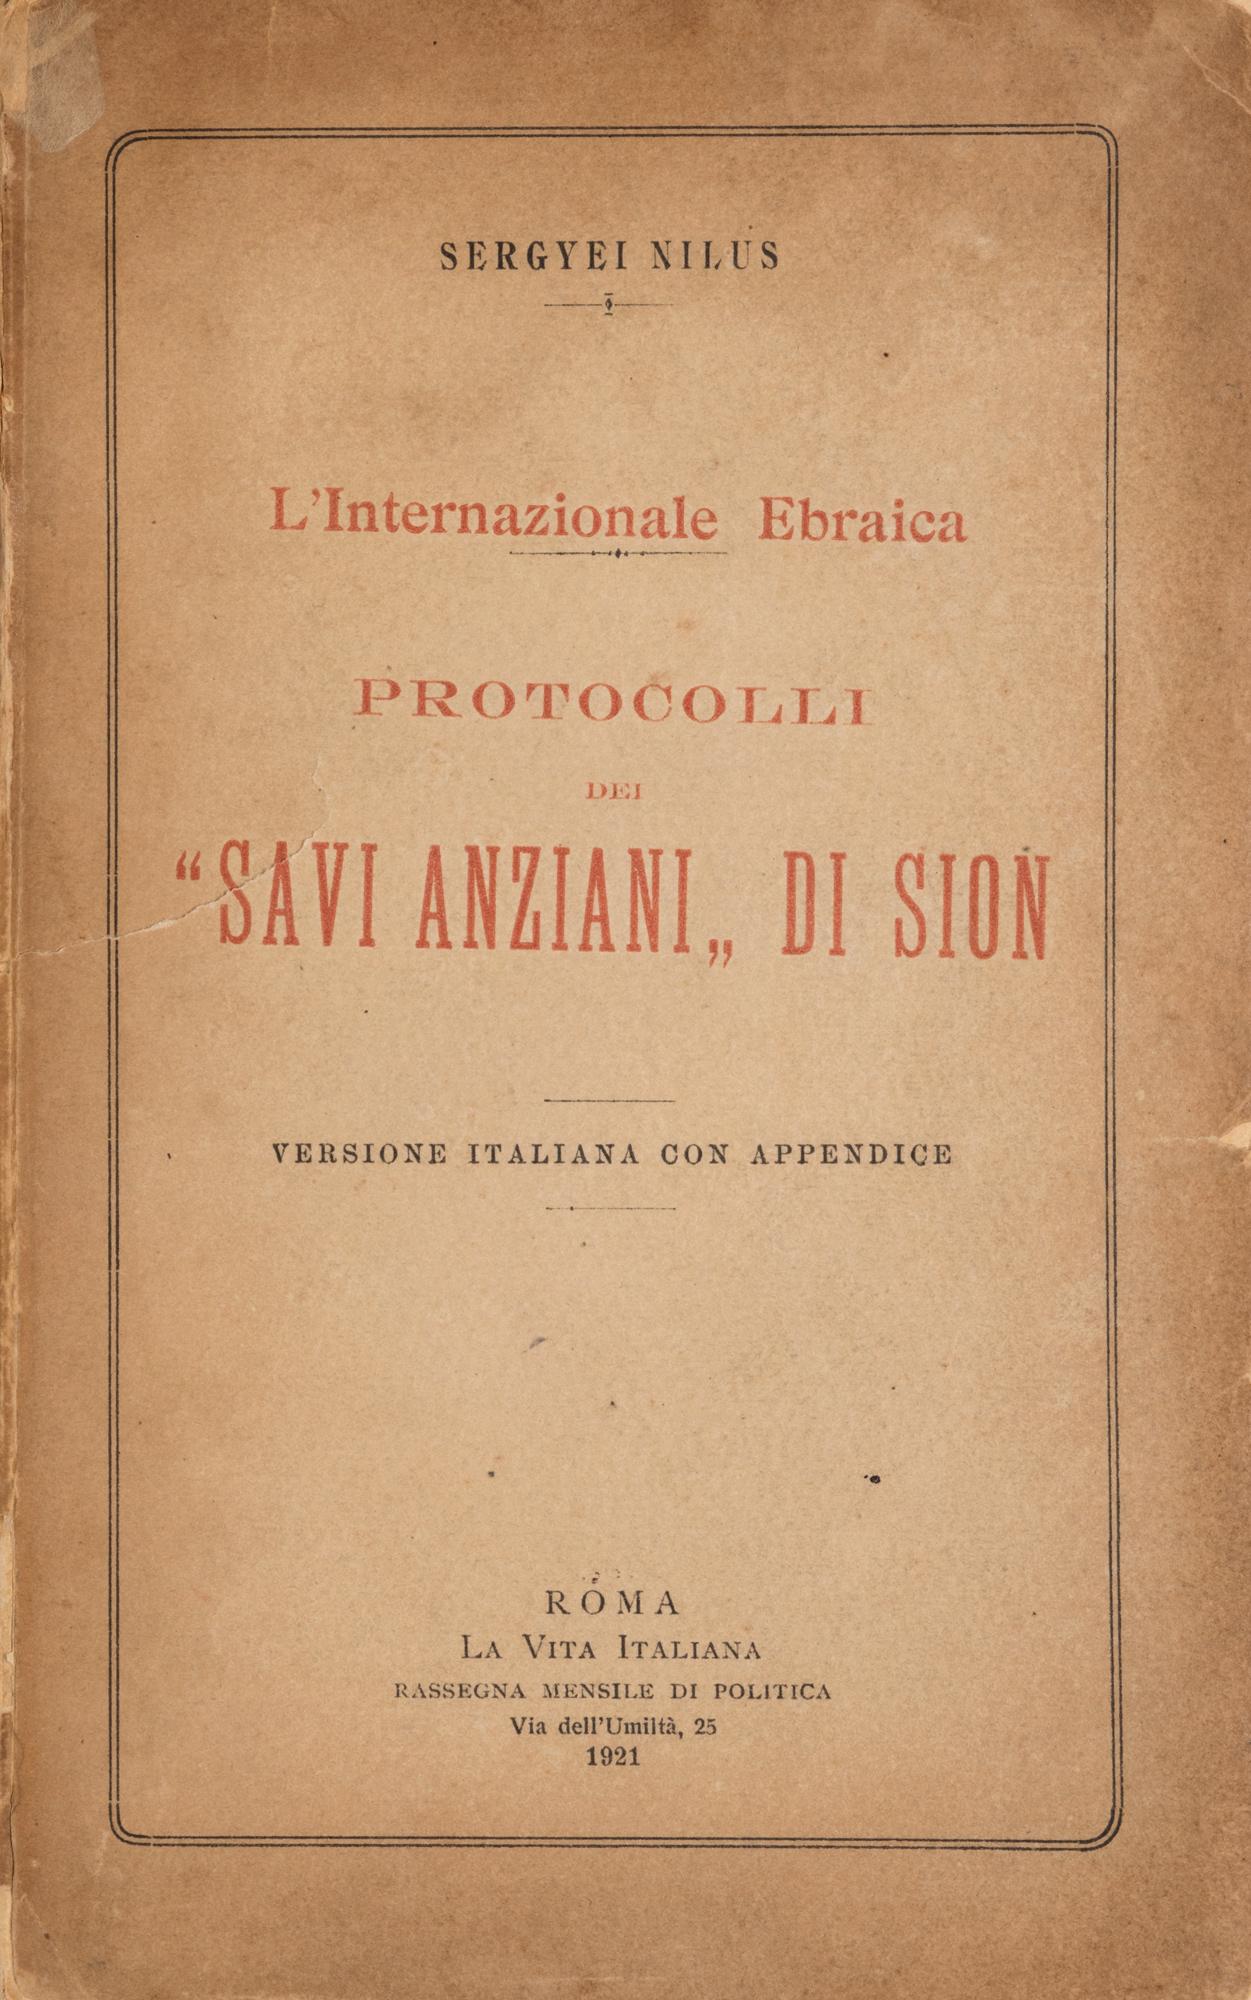 """L'Internazional ebraica. Protocolli dei """"Savi anziani di Sion"""""""